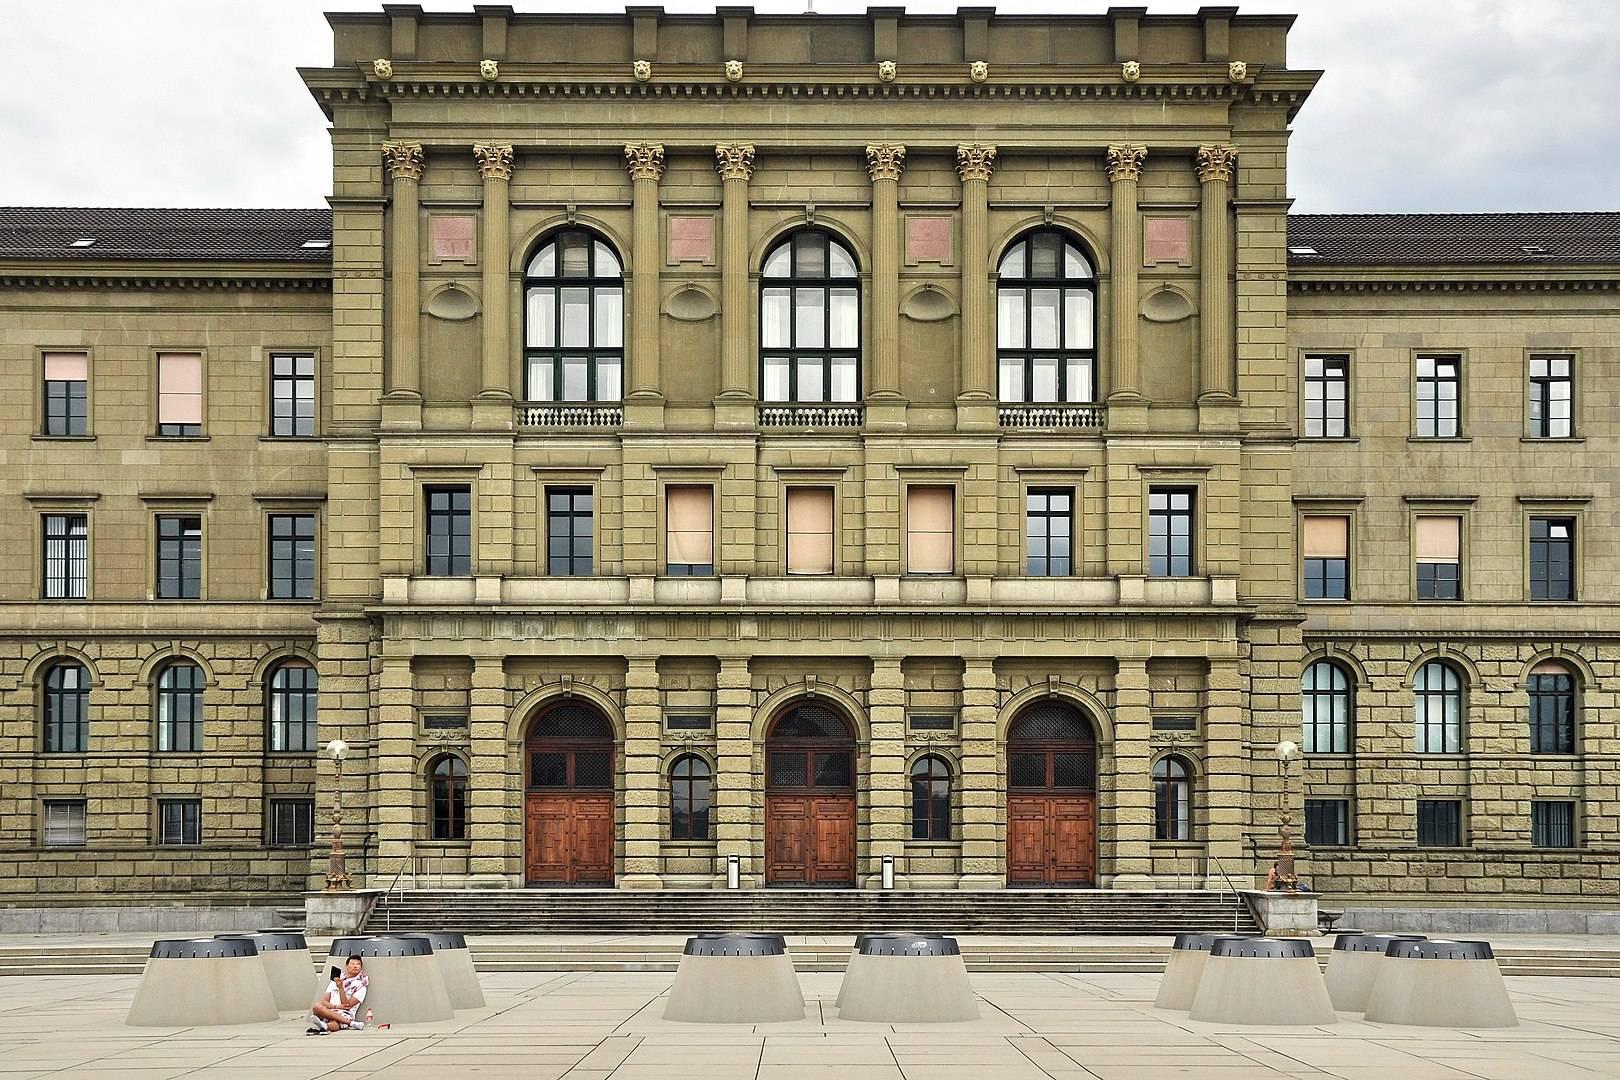 ETH Zurigo - Politecnico federale - Edificio principale